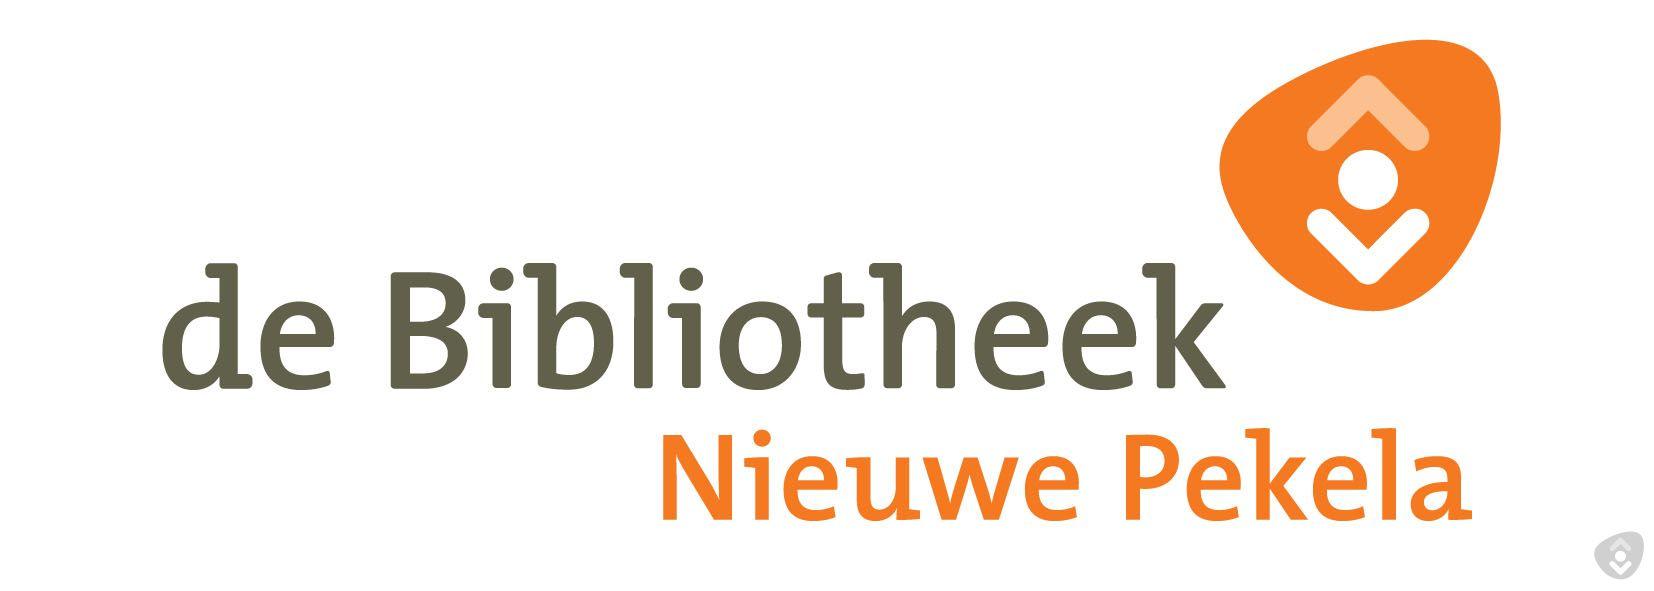 Biblio_lang_RGB_Nieuwe Pekela.jpg (54121 bytes)